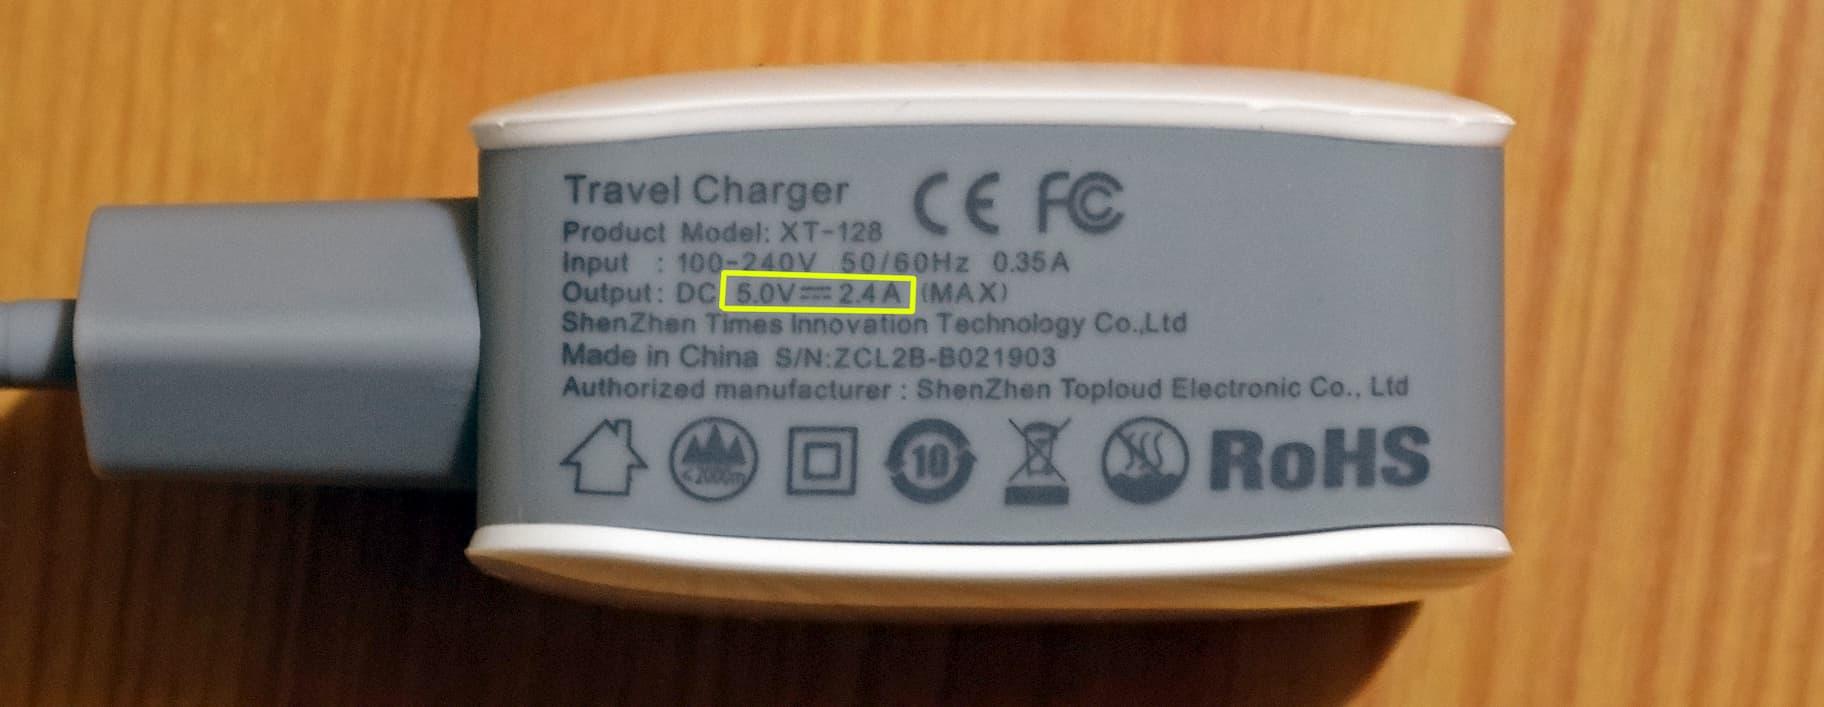 скорость зарядки смартфона зависит от мощности адаптера